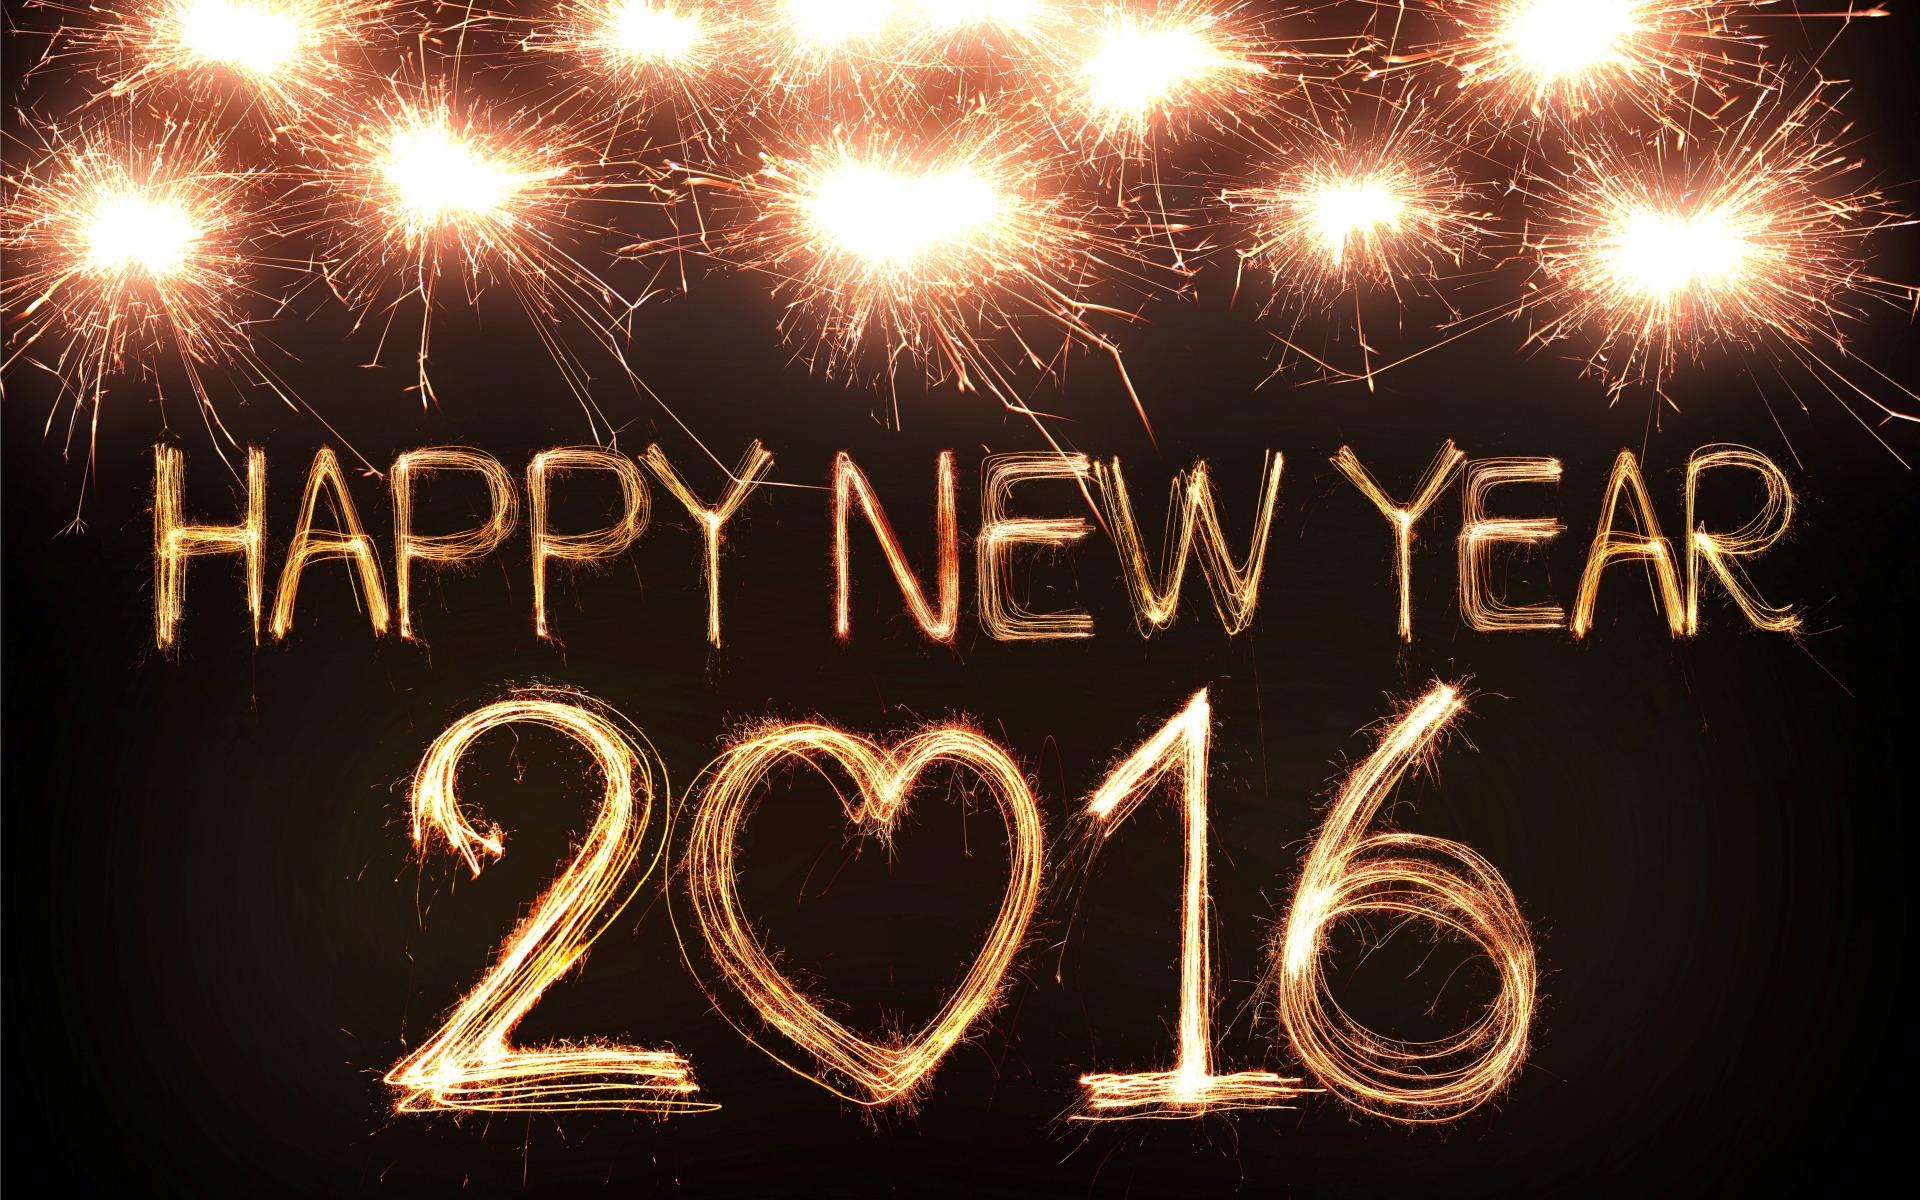 С наступающим новым годом 2016 картинки - C наступающим новым годом 2020 поздравительные картинки